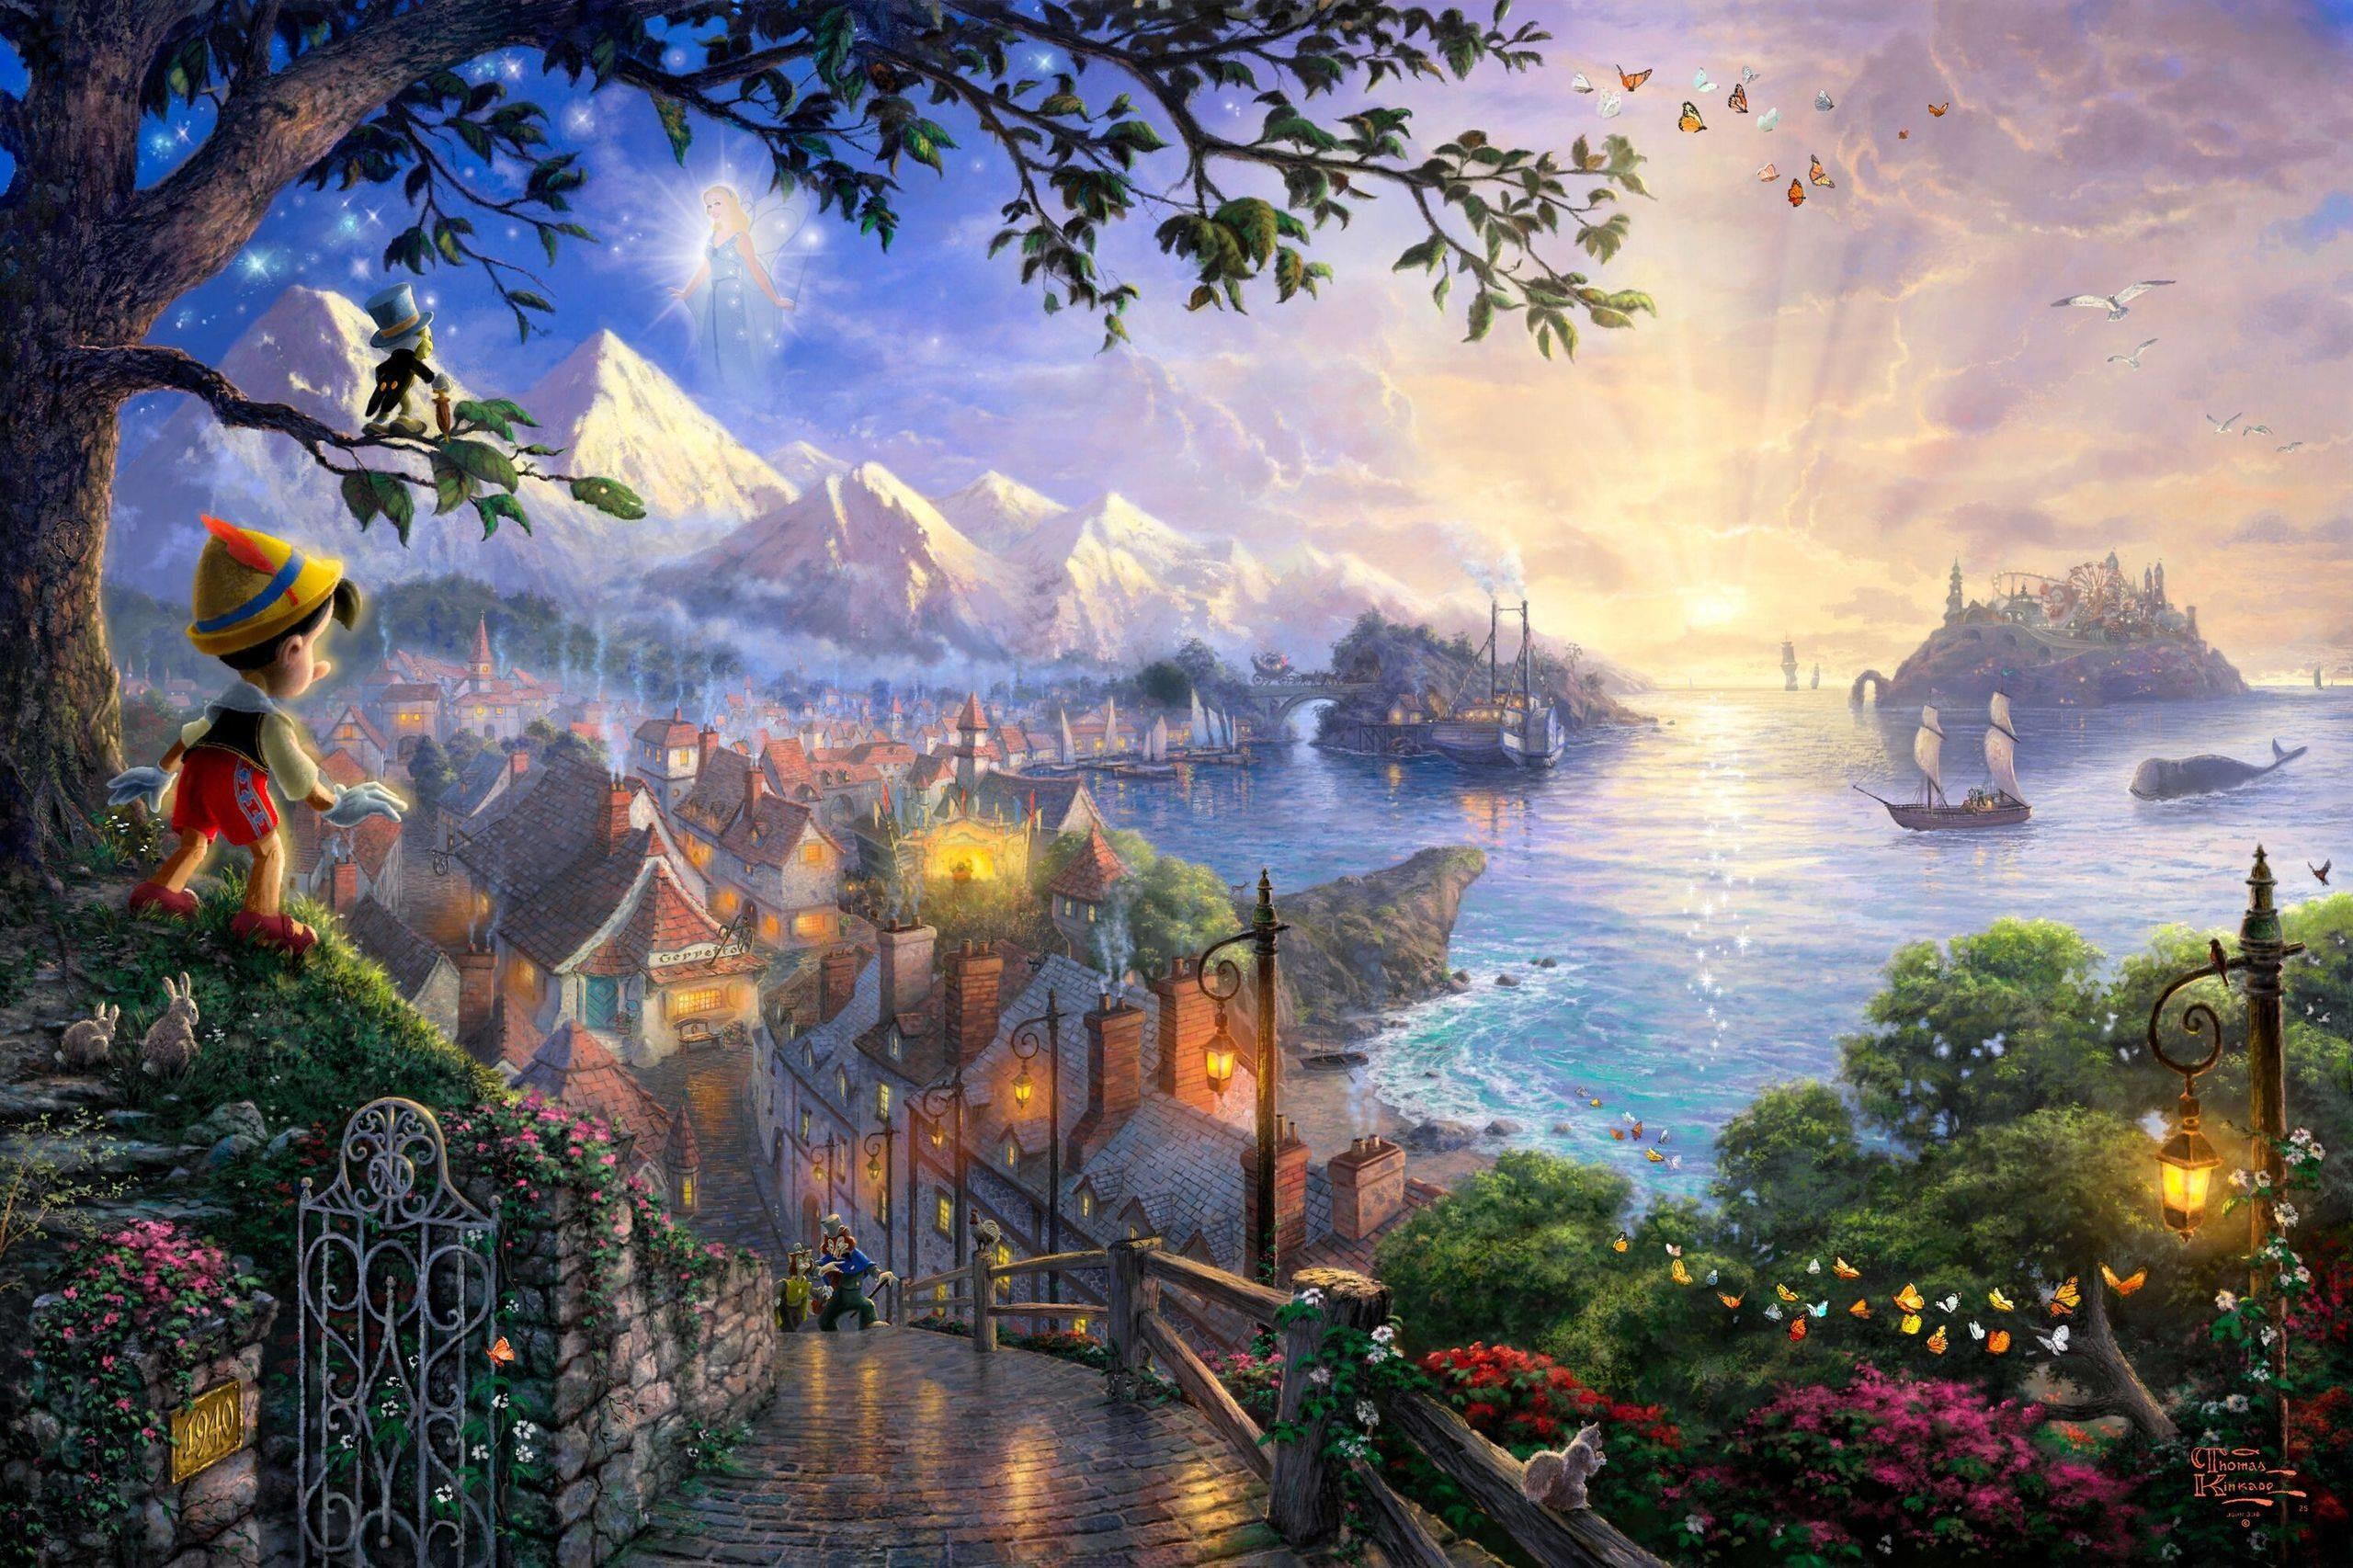 Thomas Kinkade's Disney Paintings – Pinocchio – Walt Disney .